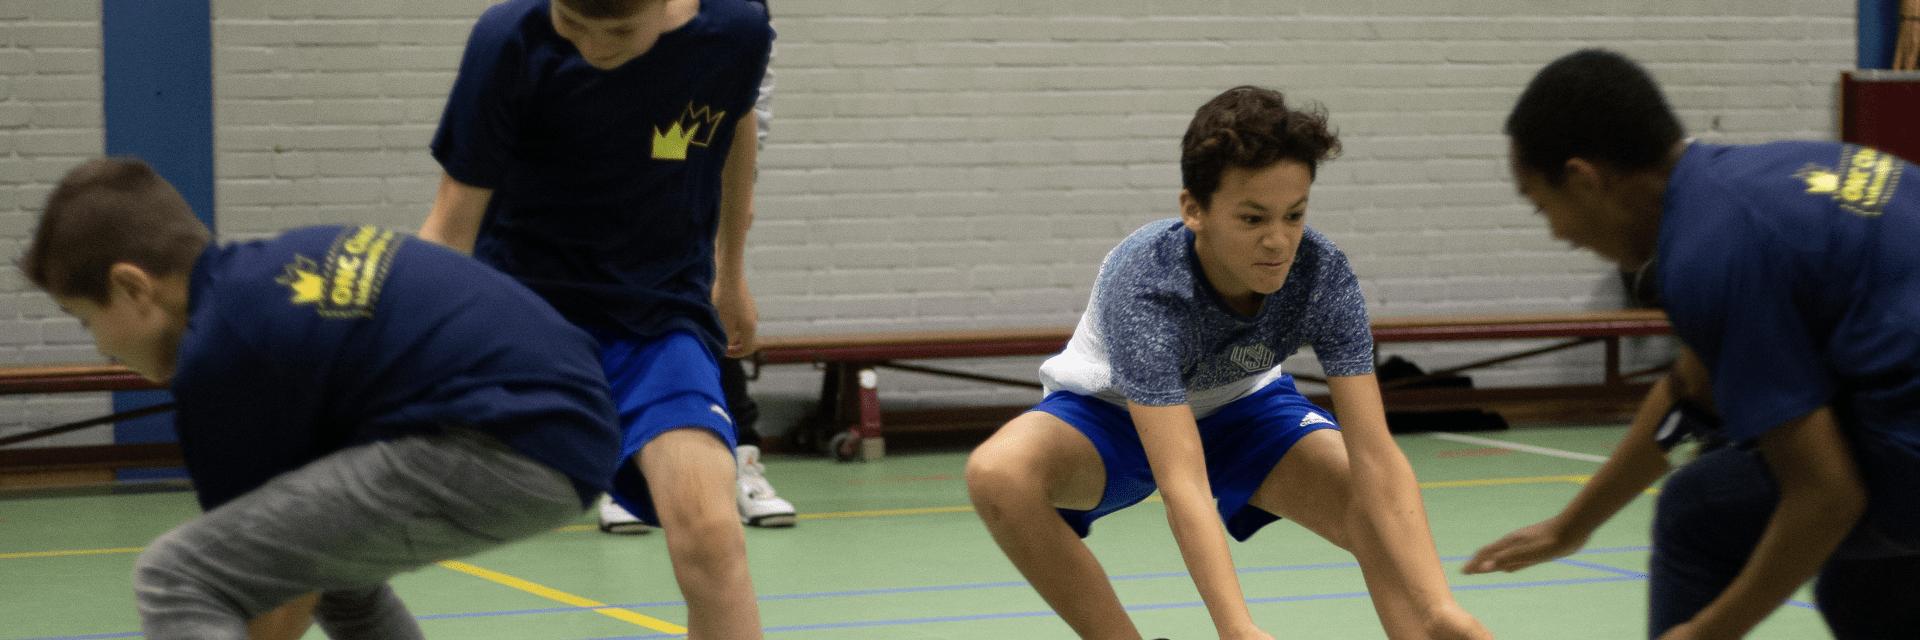 Sport for Good